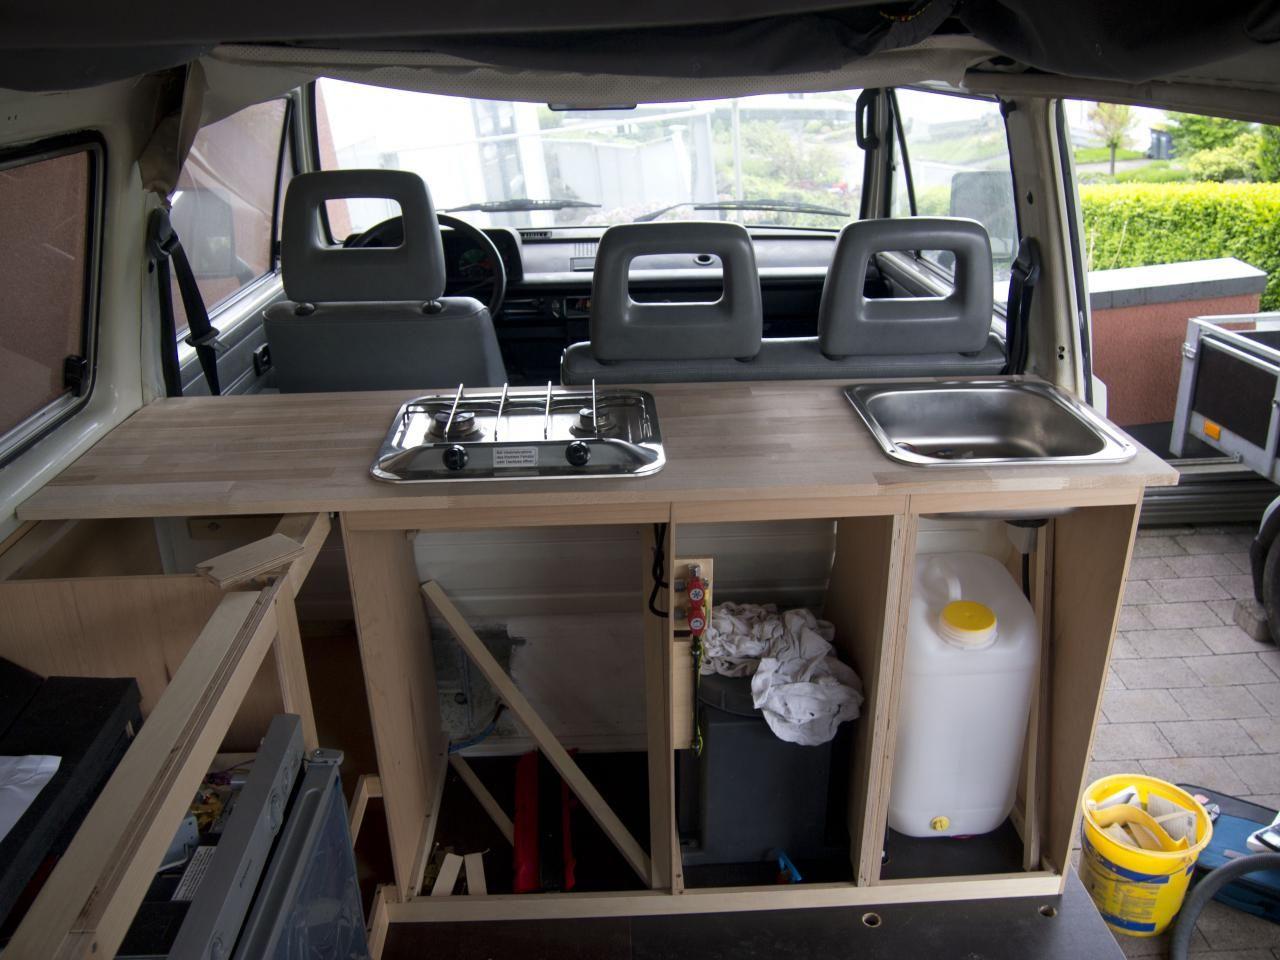 Waschbecken Kanister Obytne Automobily Pinterest Camper